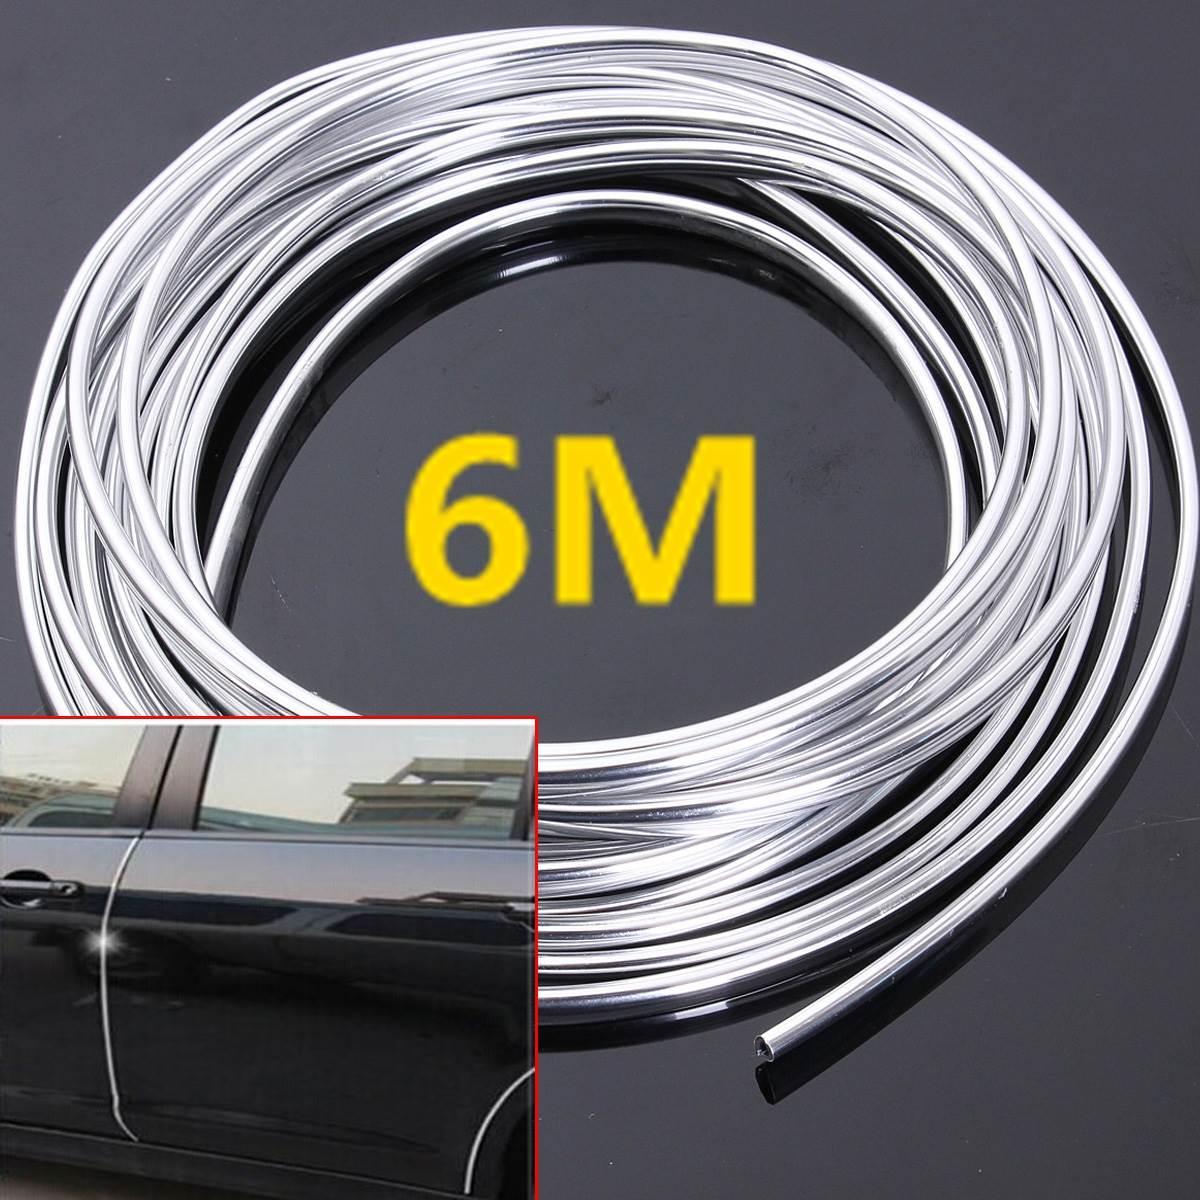 6M Chrome Moulding Trim Streifen Auto Tür Rand Scratch Guard Protector Abdeckung Streifen Rolle